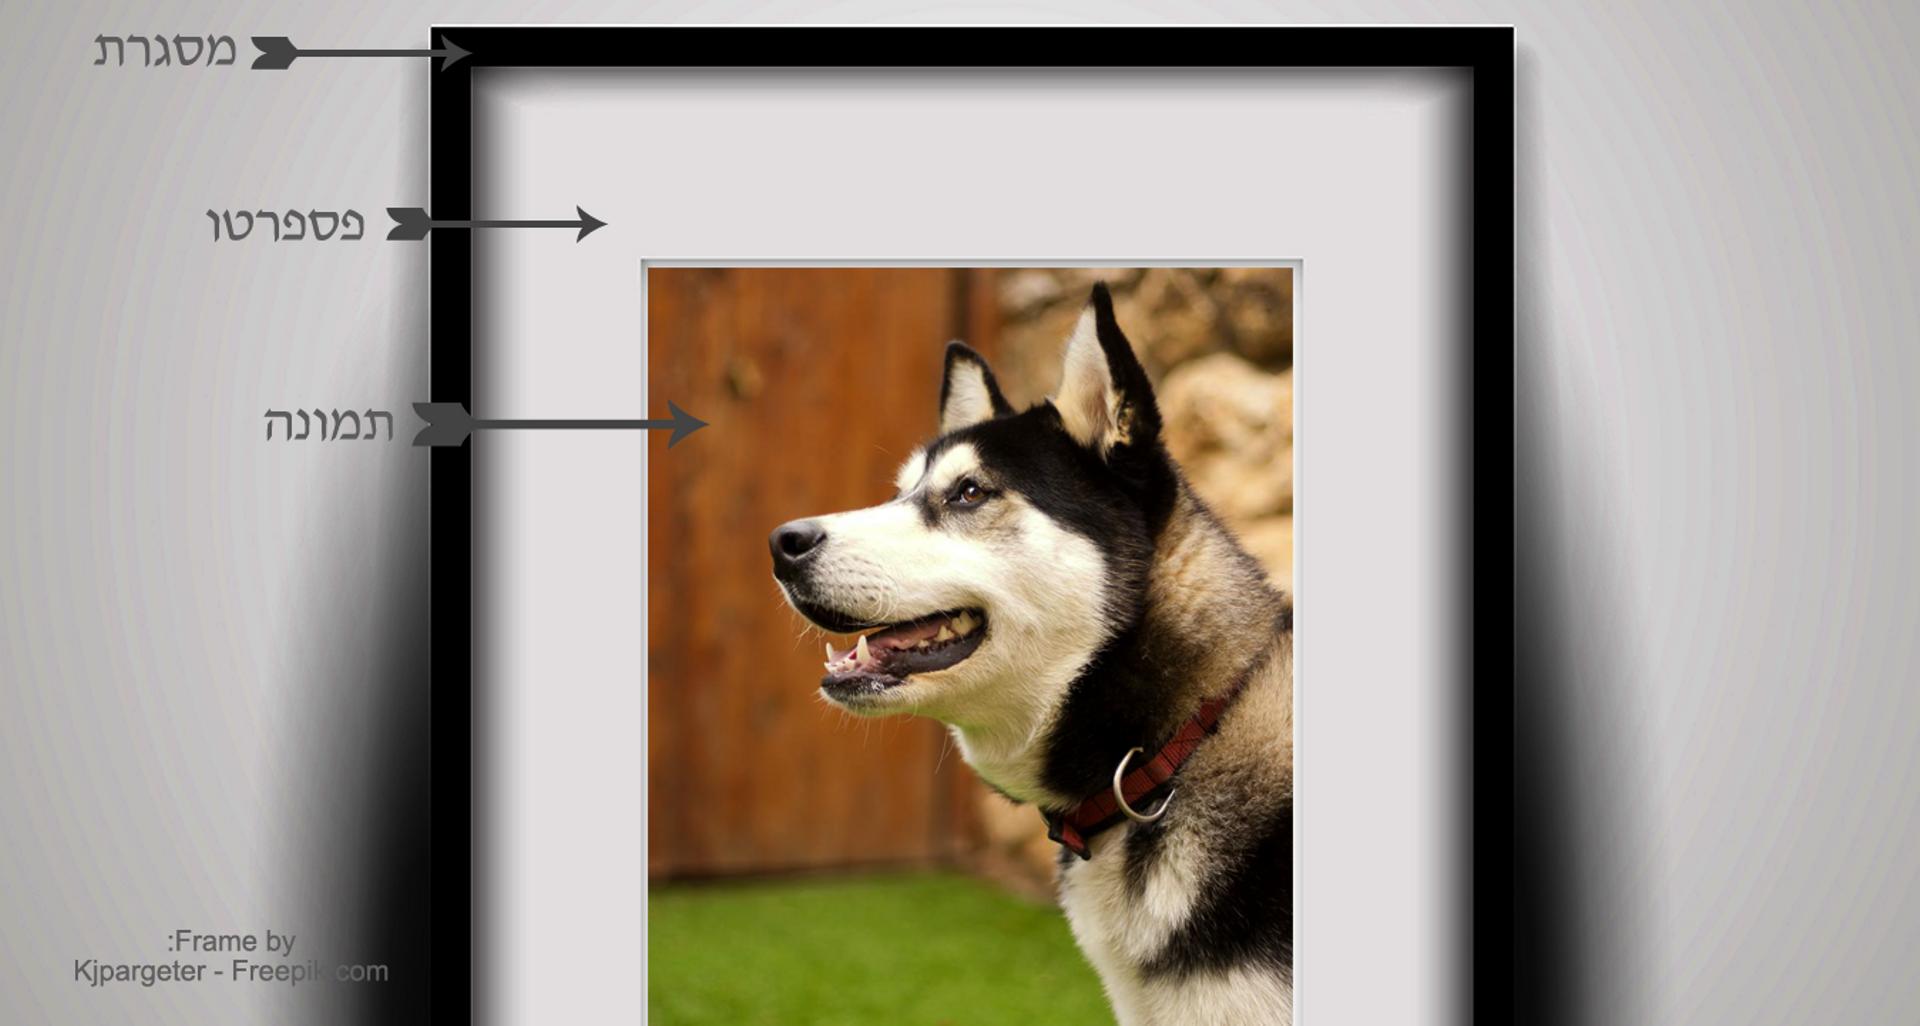 =מסגרת תמונה איכותית דגם FR9245, כולל הדפסת תמונה.